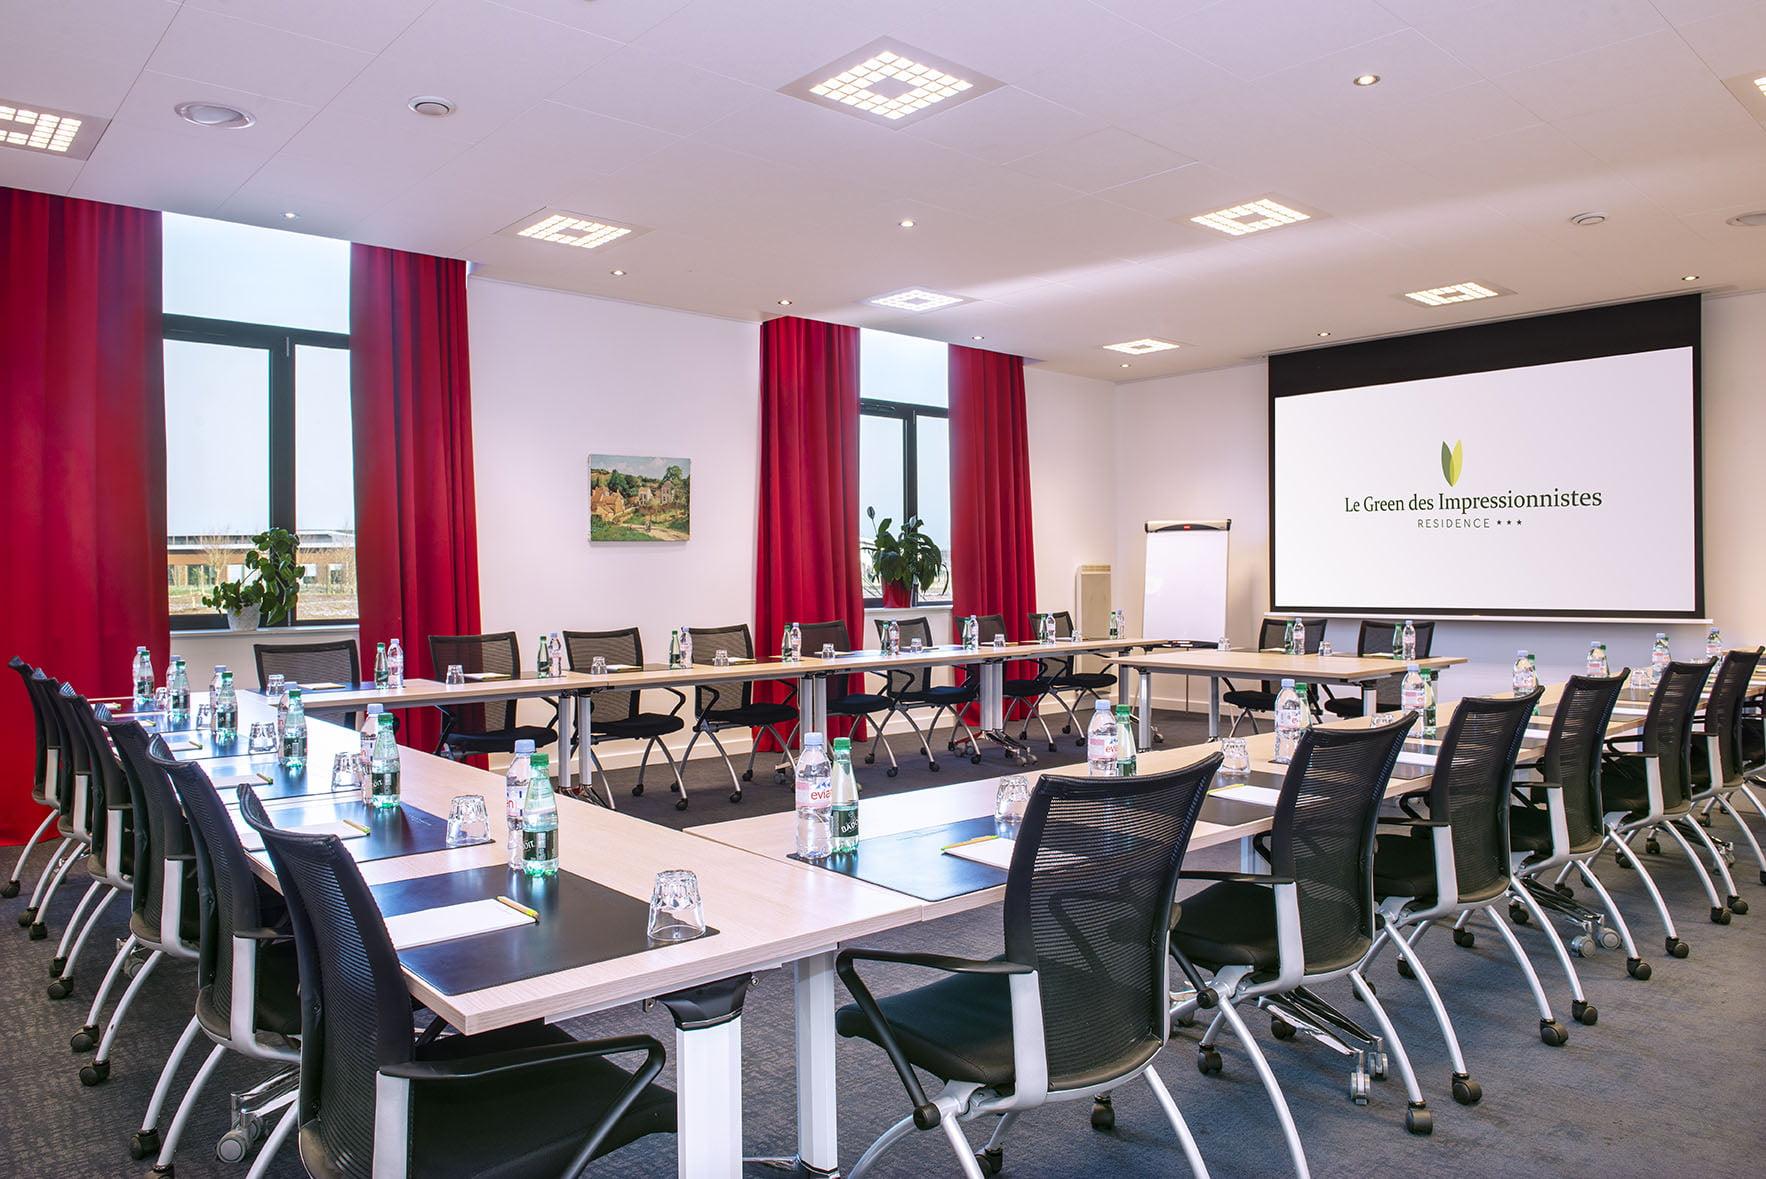 Tables et fauteuils de la salle de séminaire lumineuse du Green des Impressionnistes, avec écran géant